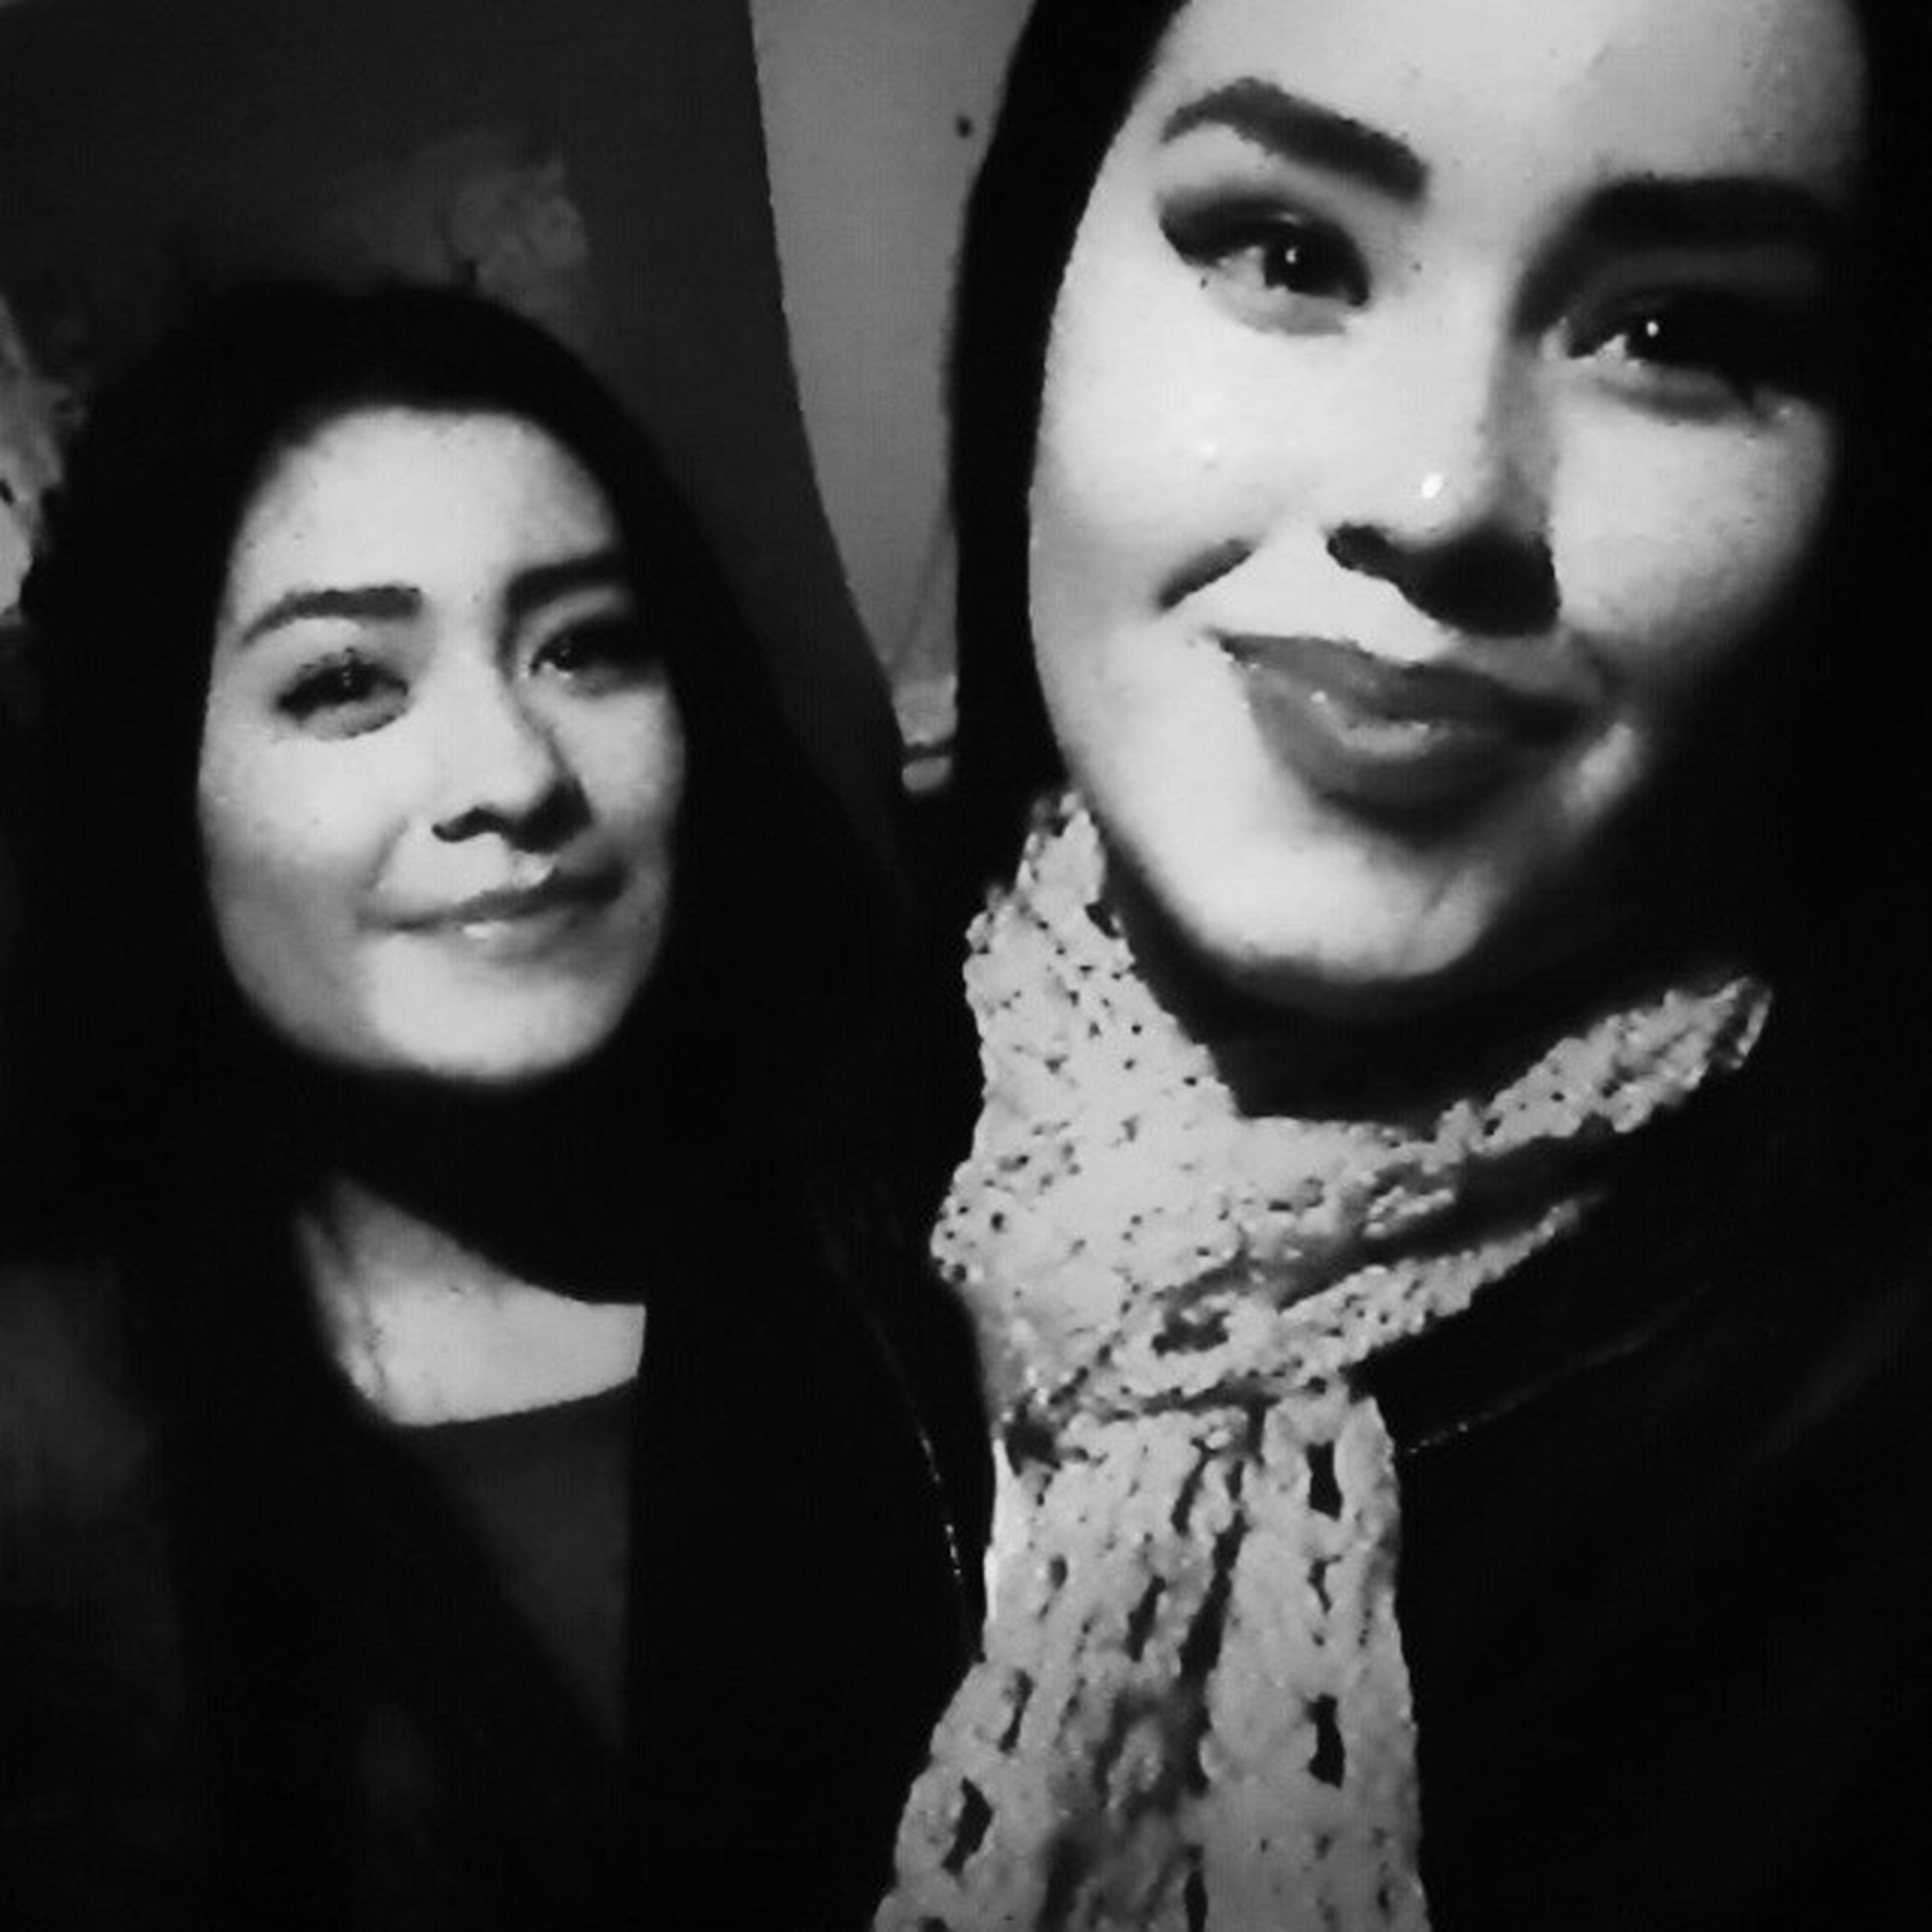 Blackandwhite Sobrina Laroro ♥